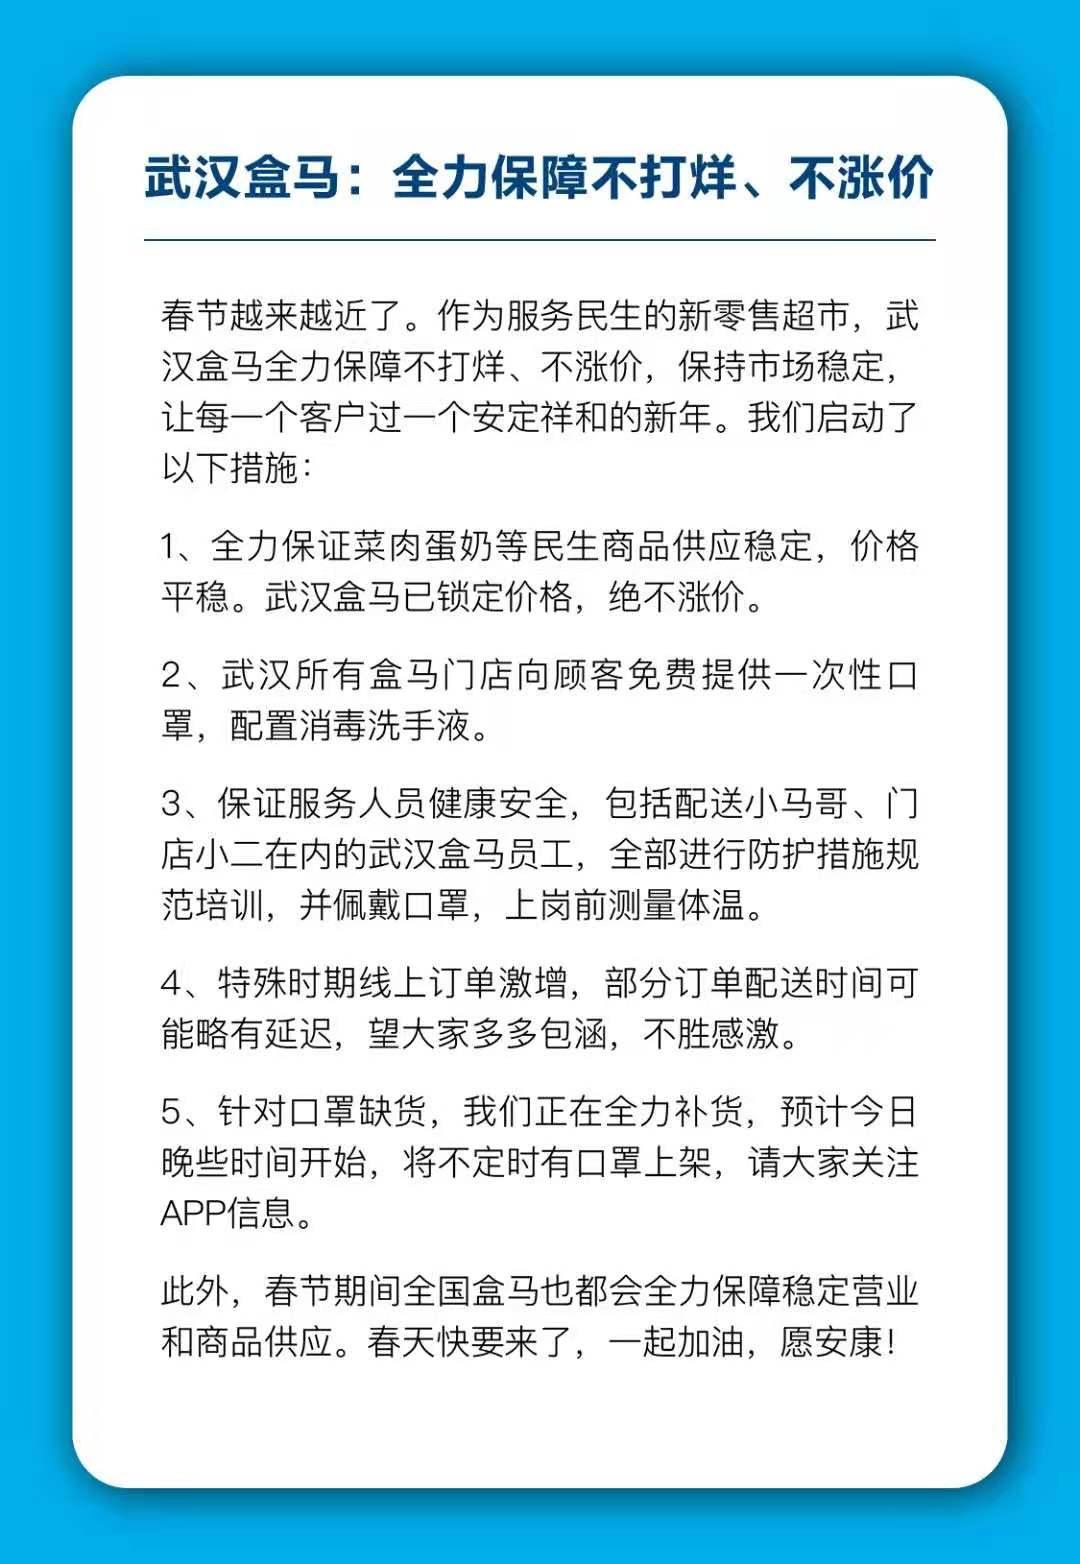 武汉盒马称锁定价格绝不涨价,口罩正在补货图片